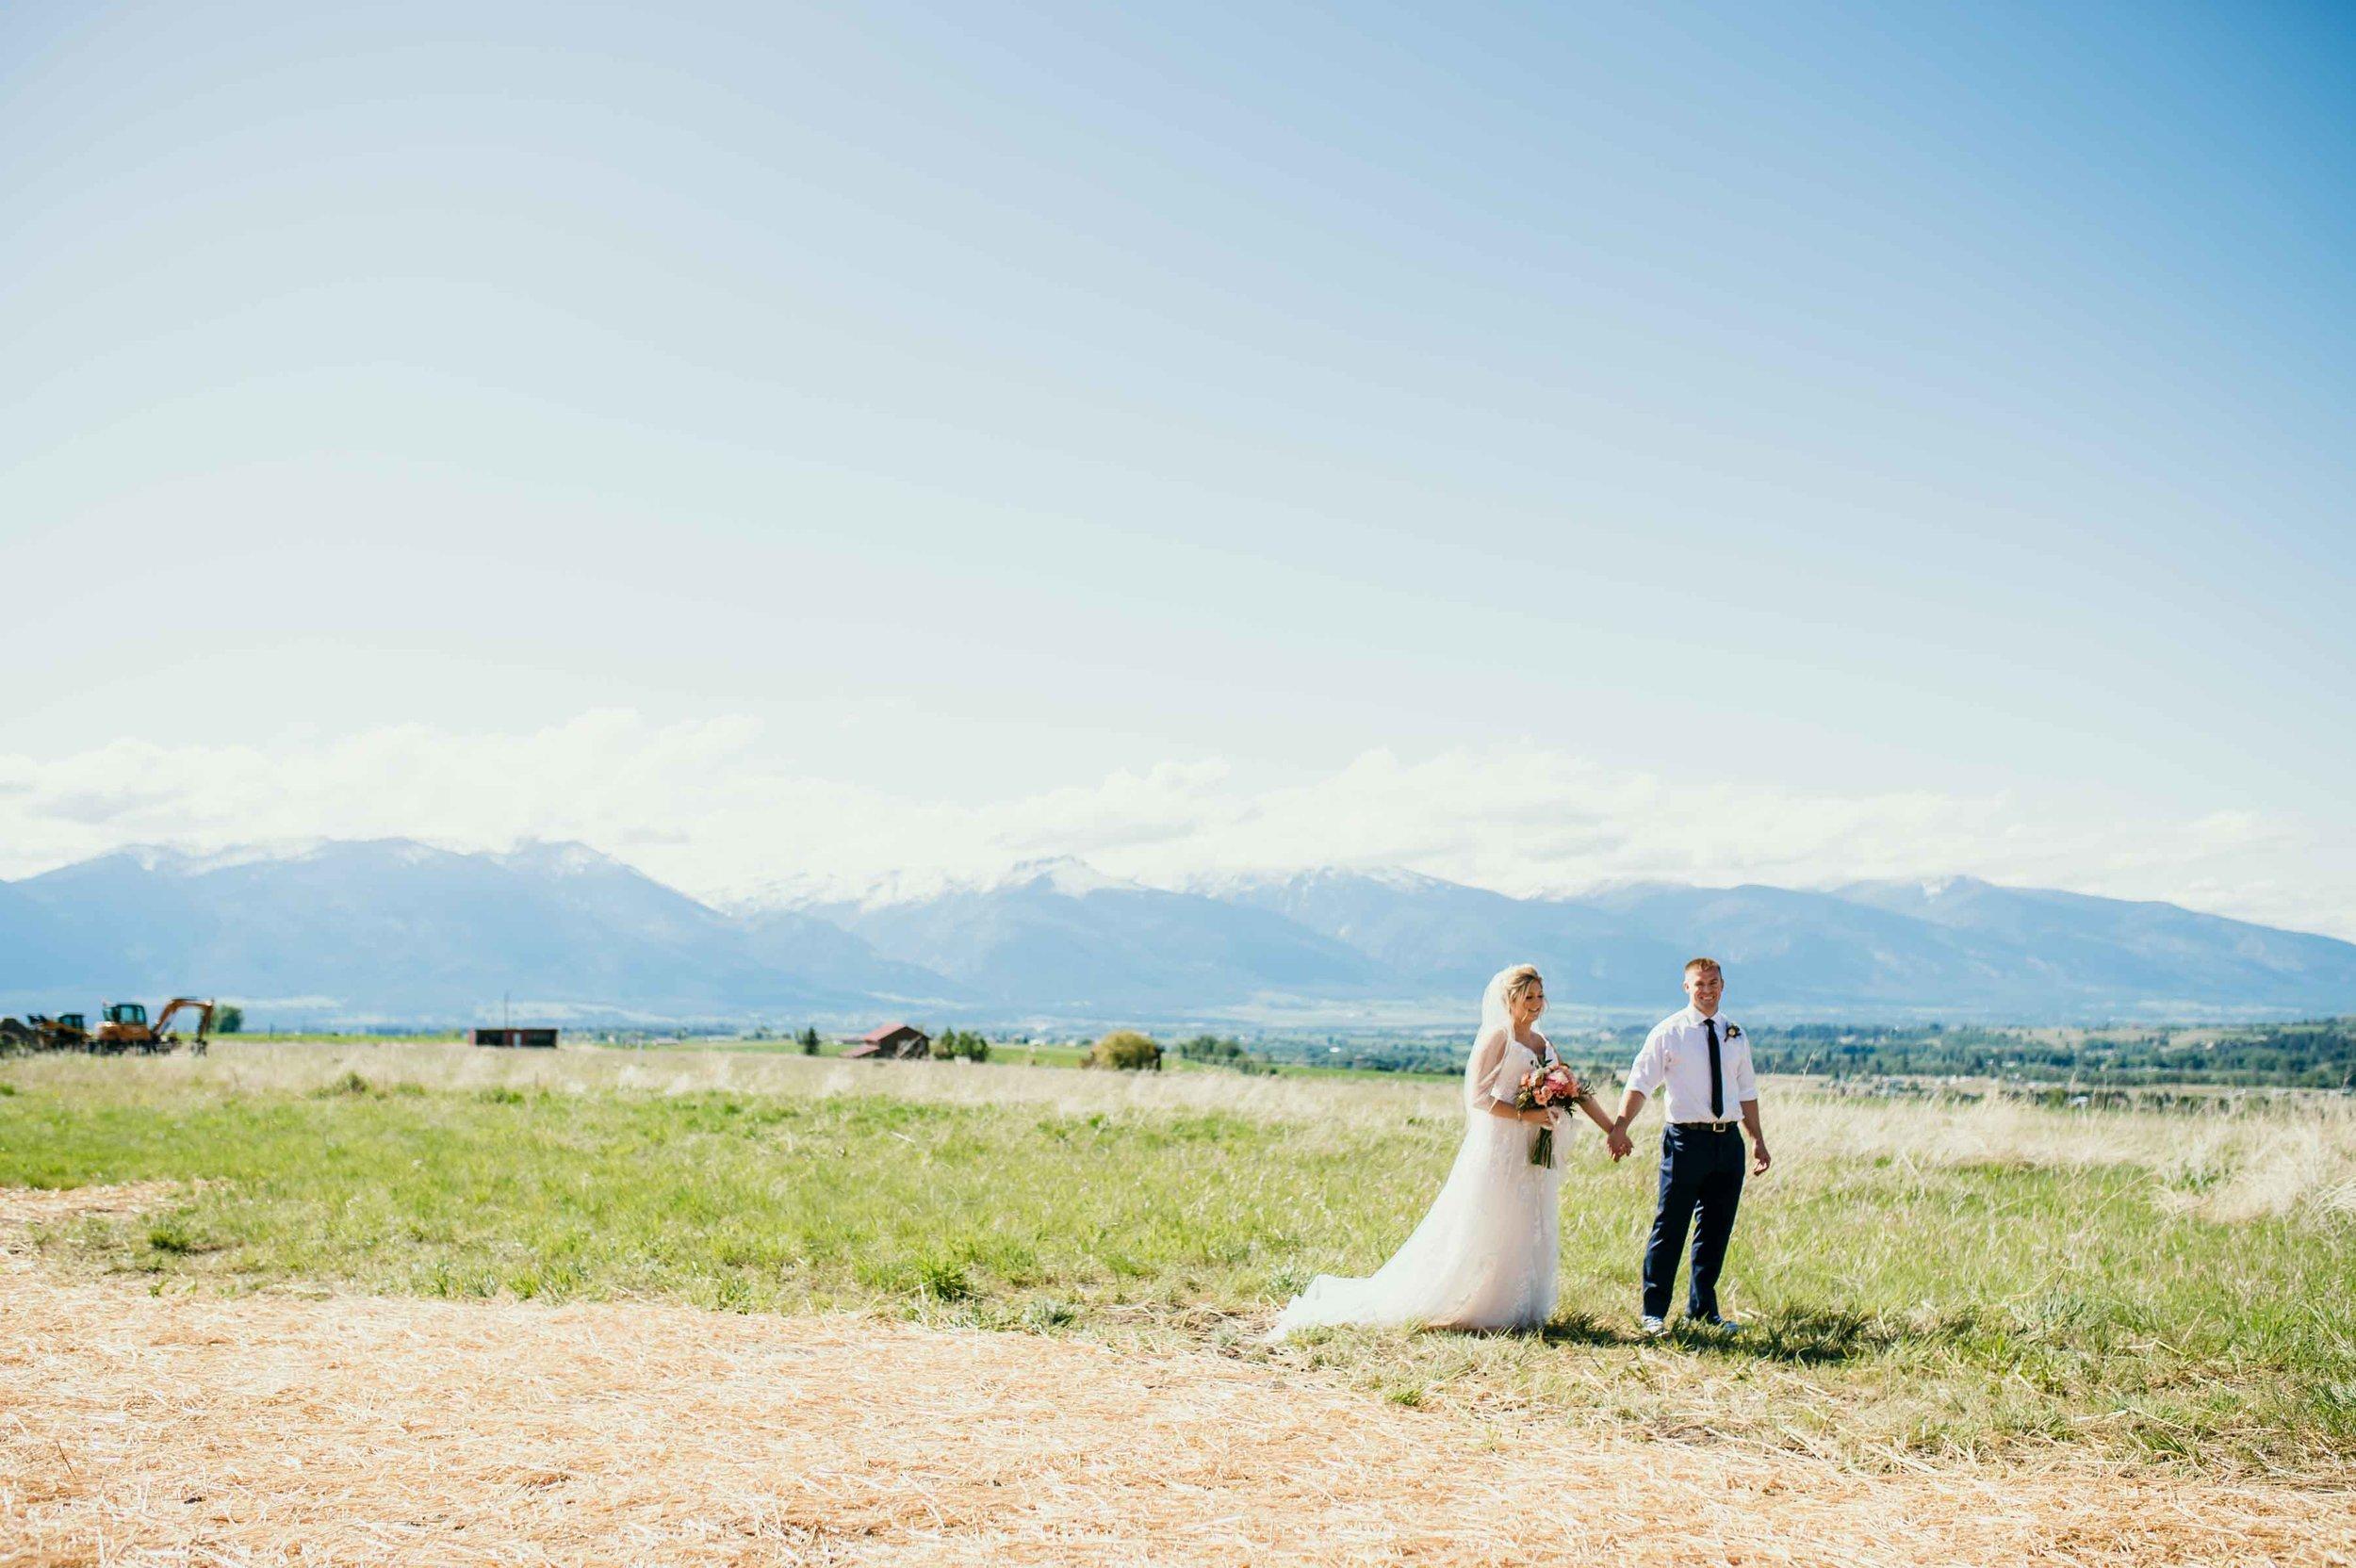 322 Montana Wedding Photographer_Doherty 2018-1962.jpg